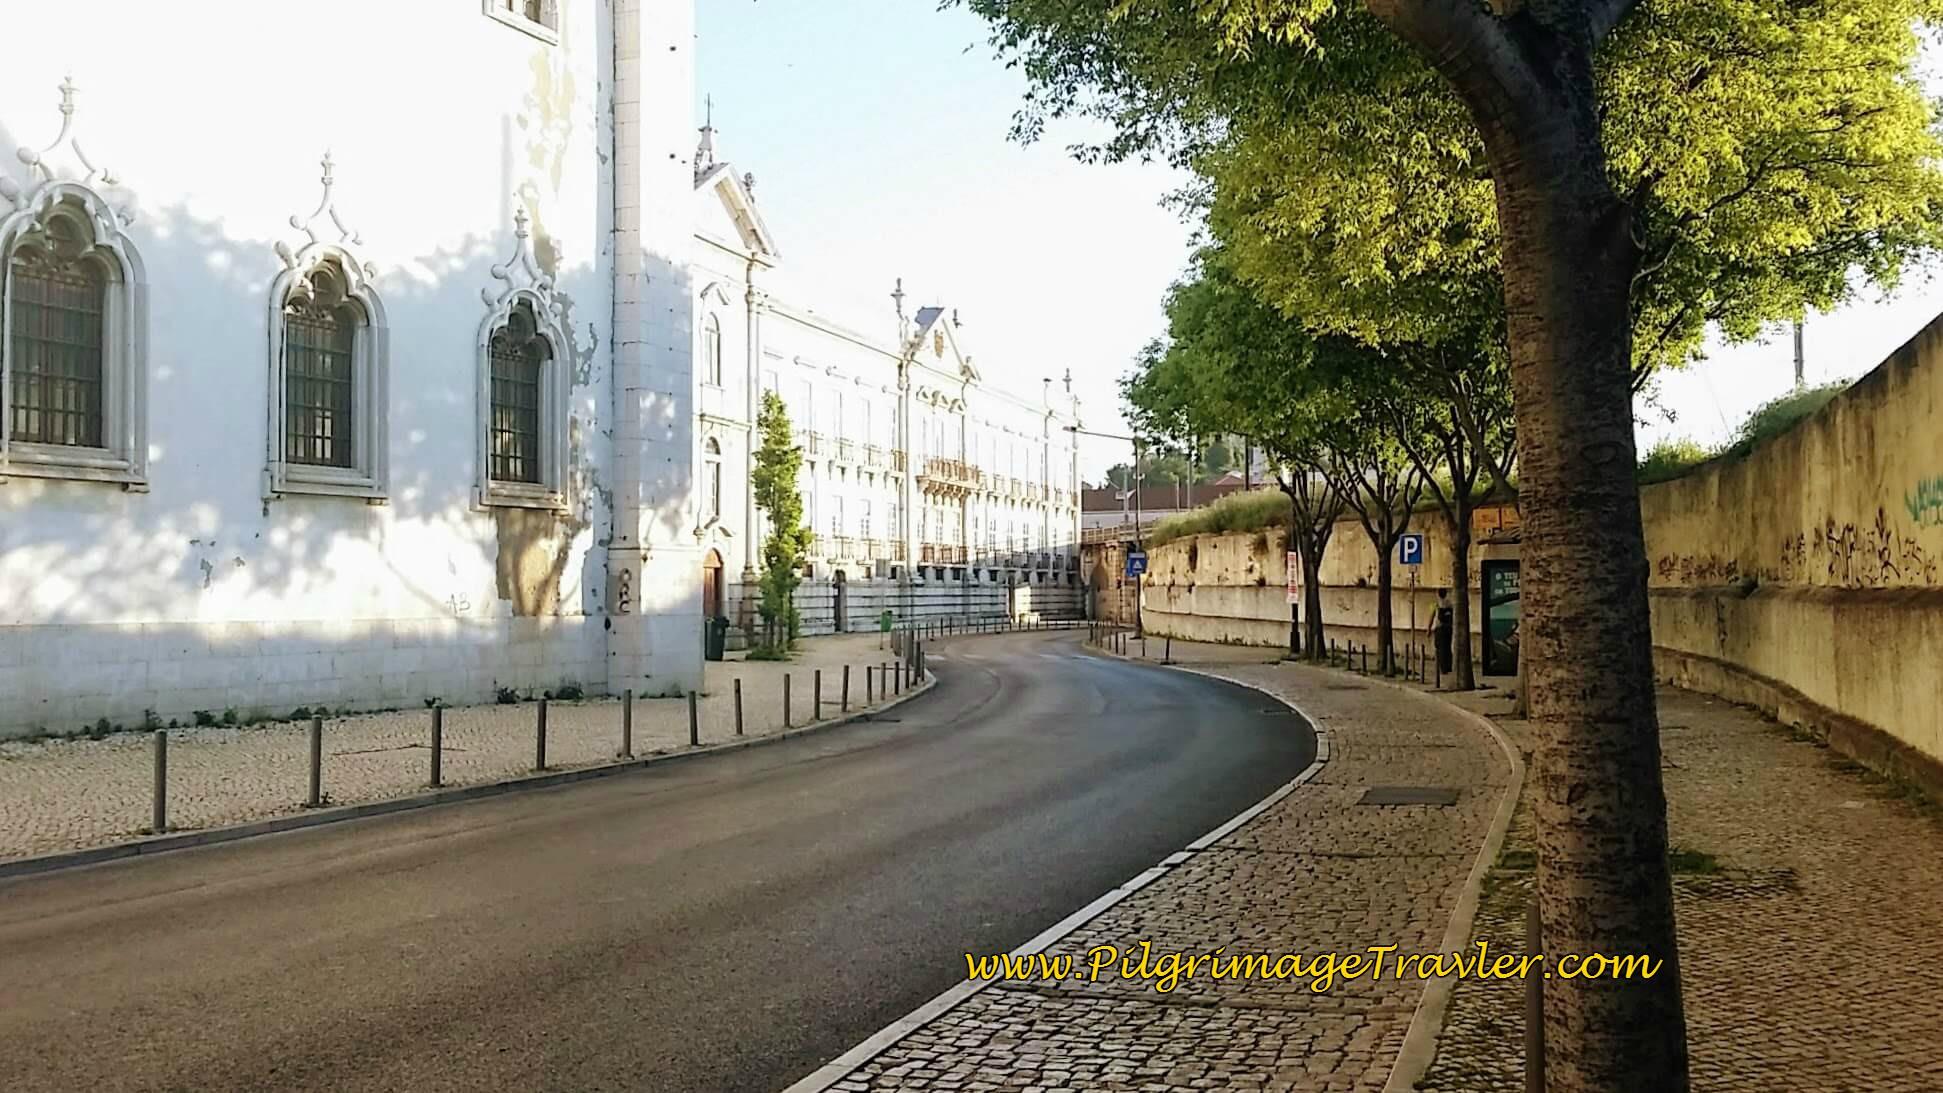 Museu National do Azulejos, Lisbon, Portugal